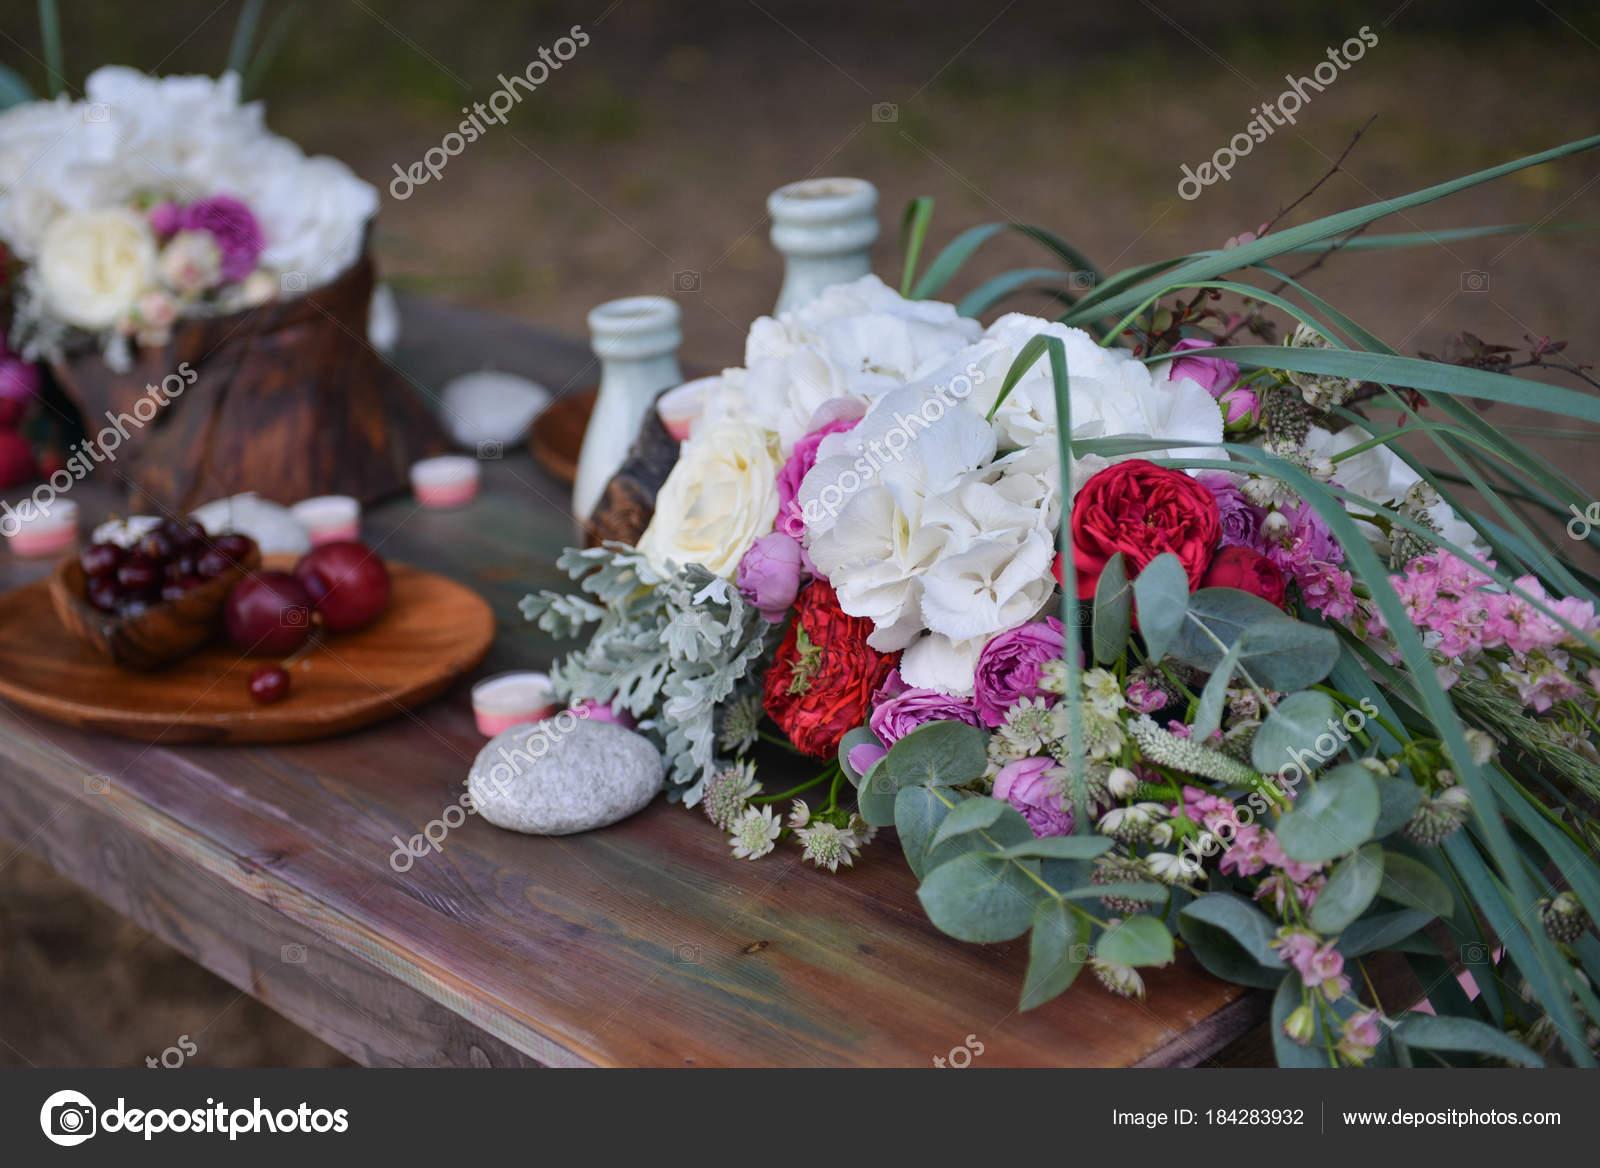 Wesele Kwiatowy Wystrój W Stylu Boho Zdjęcie Stockowe Olgachan